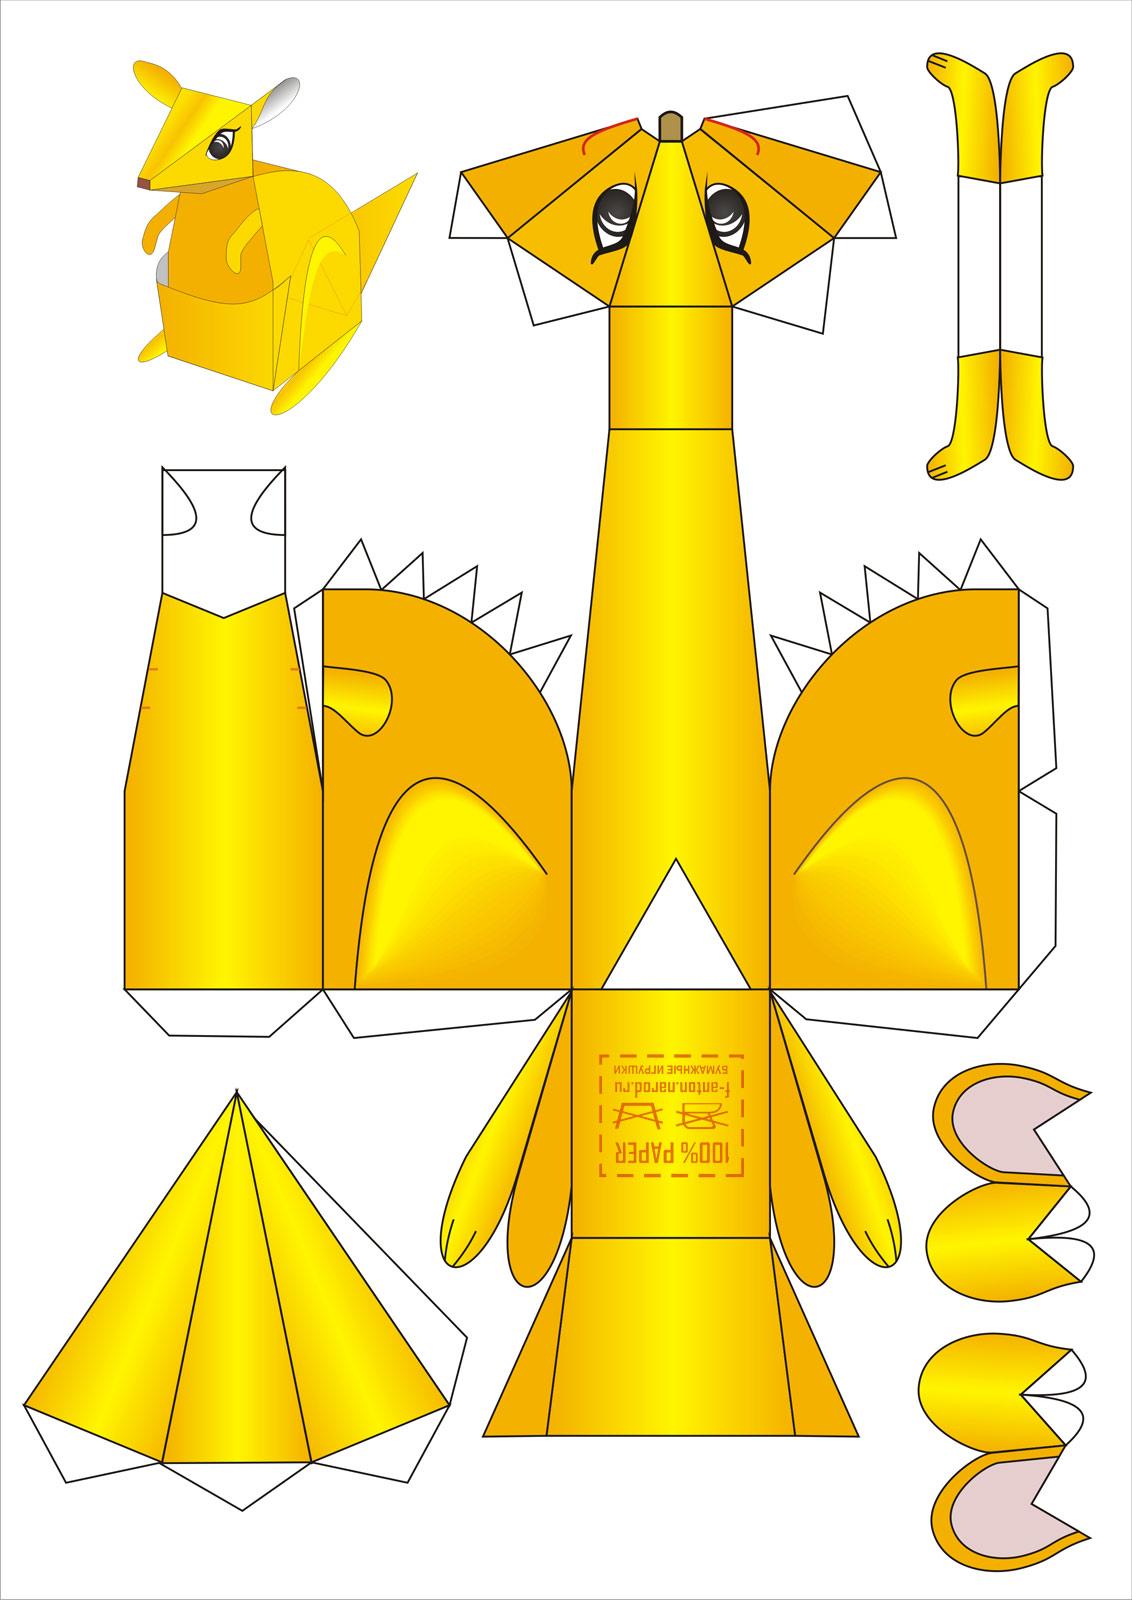 Игрушки из бумаги своими руками схема для